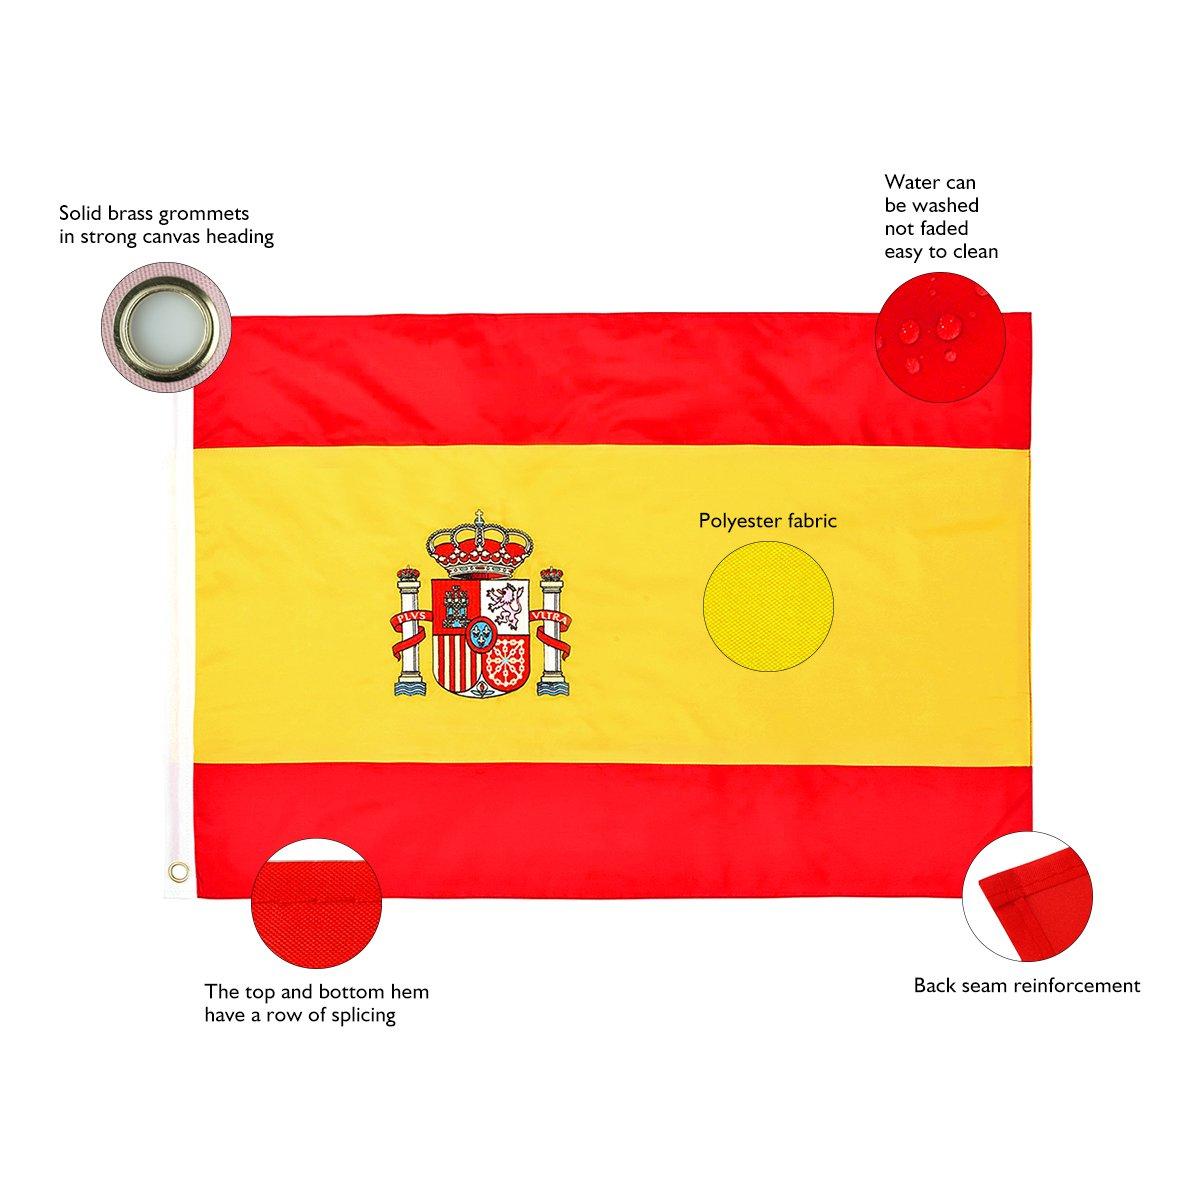 45 X 30 Cm-Polyester Espagne-Drapeau National du Pays dext/érieur Couleur Banni/ère 1,5 X 1 Cm